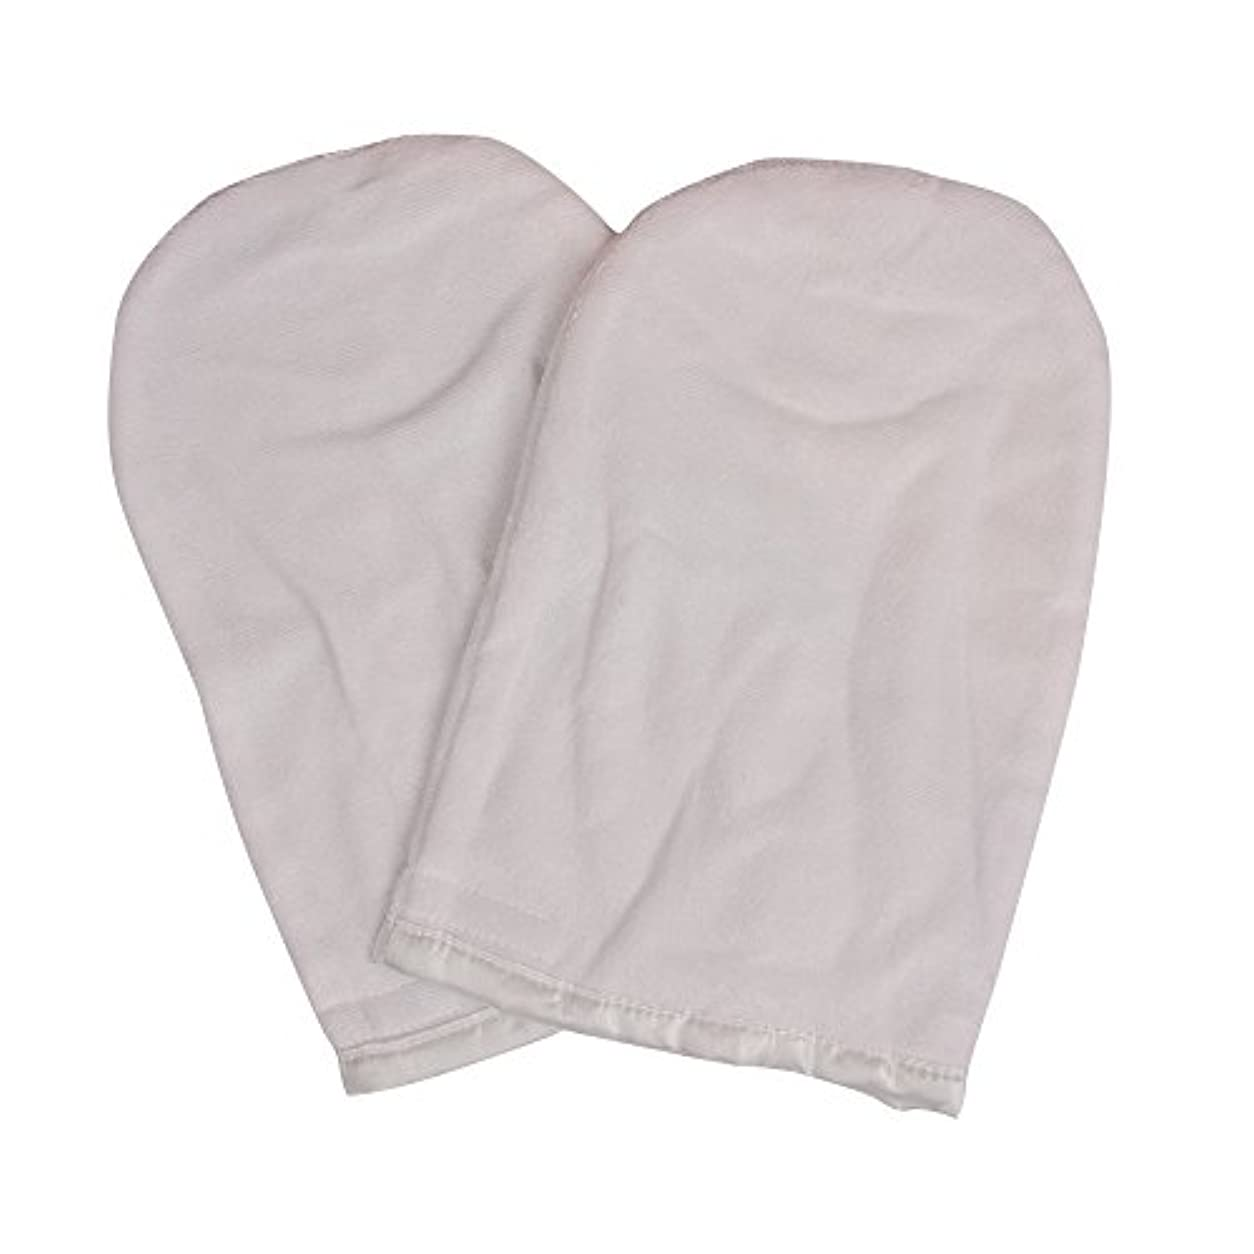 アーサー地球政治家パラフィン用ハンドグローブ 全2色 (ホワイト) パラフィンパック パラフィン ハンド グローブ (ハンド用)